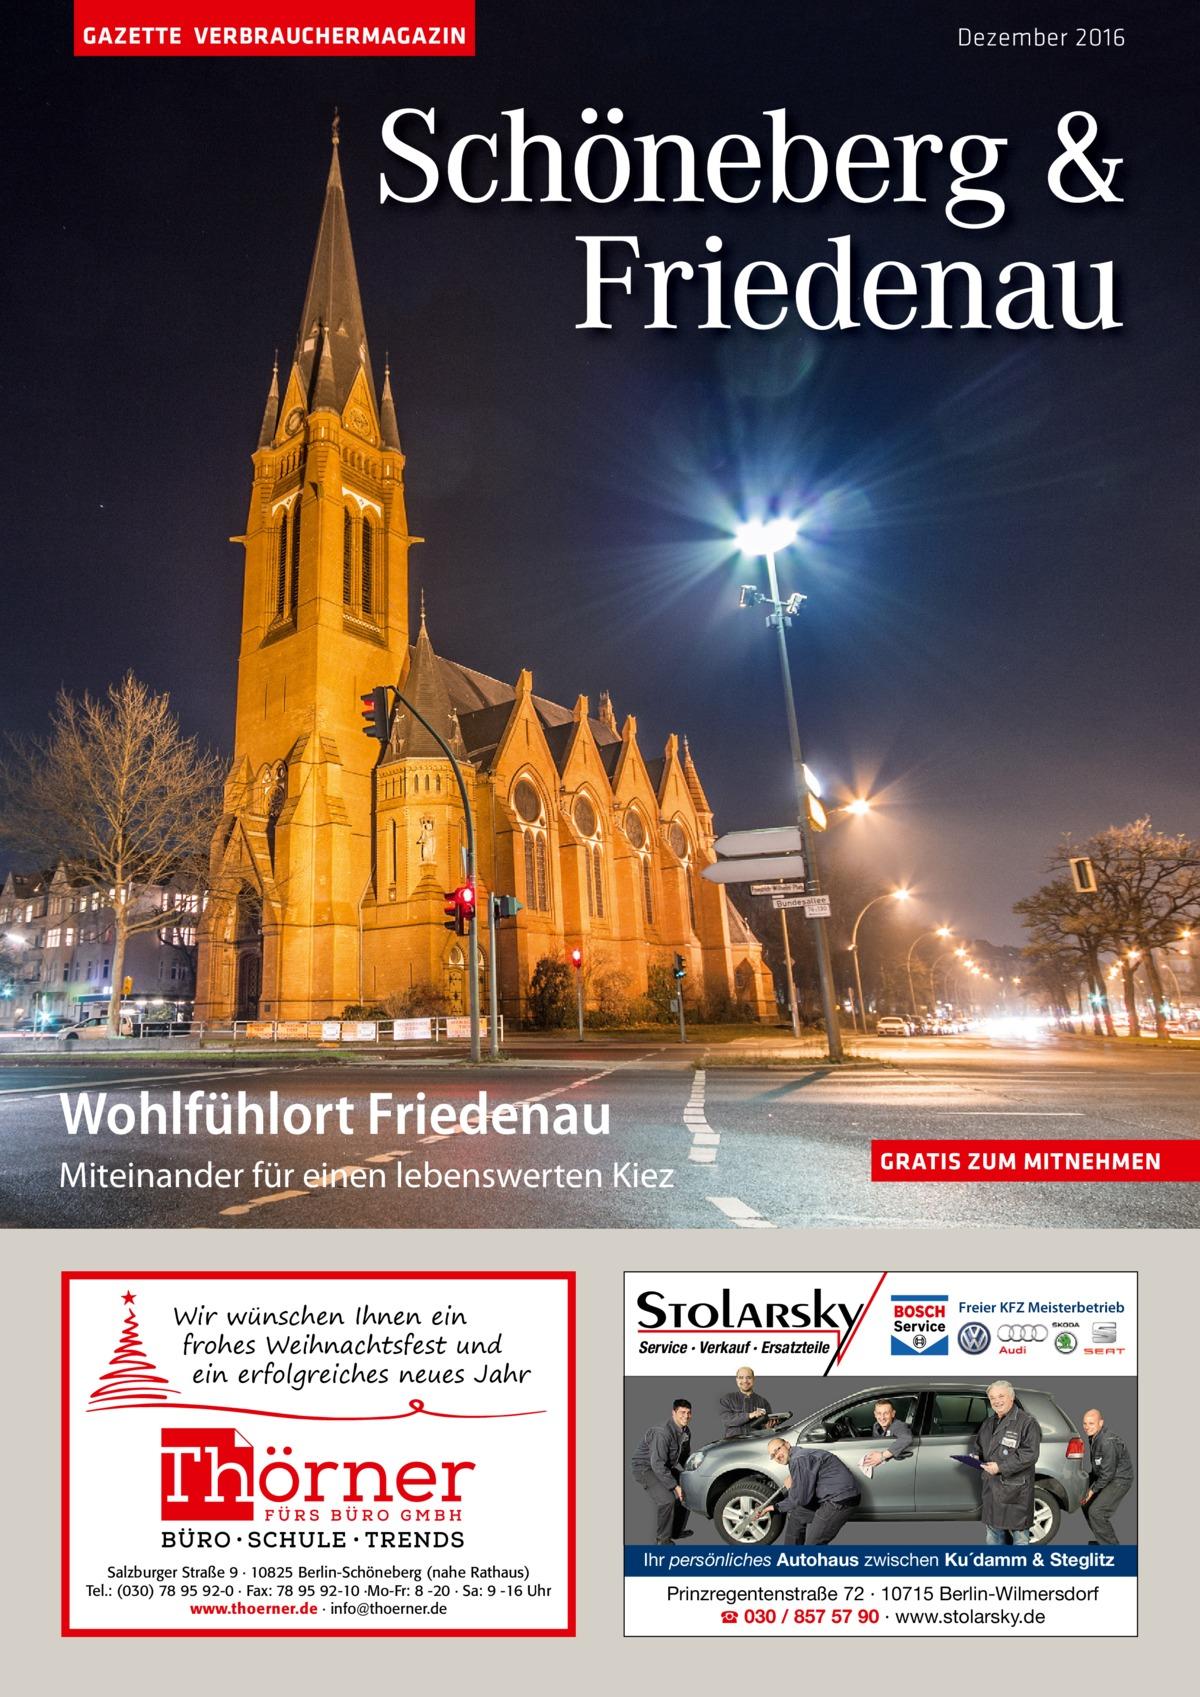 GAZETTE VERBRAUCHERMAGAZIN  Dezember 2016  Schöneberg & Friedenau  Wohlfühlort Friedenau miteinander für einen lebenswerten Kiez  Wir wünschen Ihnen ein frohes Weihnachtsfest und ein erfolgreiches neues Jahr  Salzburger Straße 9 · 10825 Berlin-Schöneberg (nahe Rathaus) Tel.: (030) 78 95 92-0 · Fax: 78 95 92-10 ·Mo-Fr: 8 -20 · Sa: 9 -16 Uhr www.thoerner.de · info@thoerner.de  GRATIS ZUM MITNEHMEN  Freier KFZ Meisterbetrieb  Service · Verkauf · Ersatzteile  Ihr persönliches Autohaus zwischen Ku´damm & Steglitz  Prinzregentenstraße 72 · 10715 Berlin-Wilmersdorf ☎ 030 / 857 57 90 · www.stolarsky.de